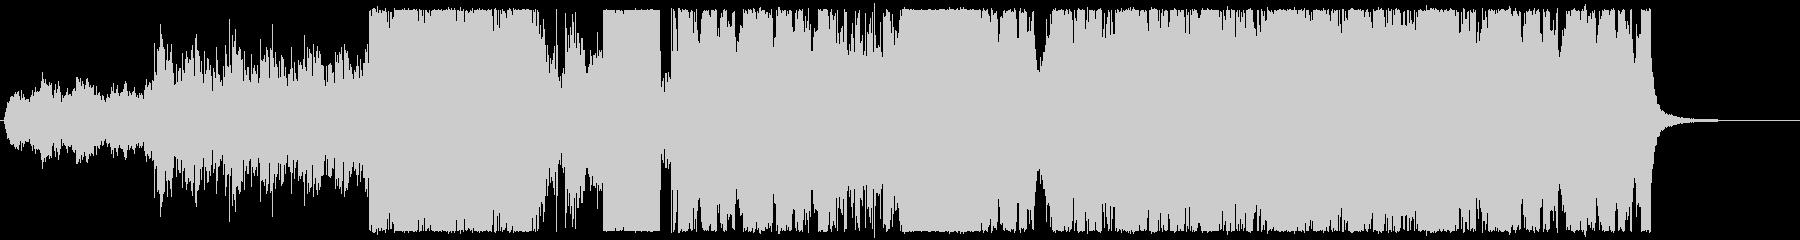 オーケストラを用いたダブステップの未再生の波形